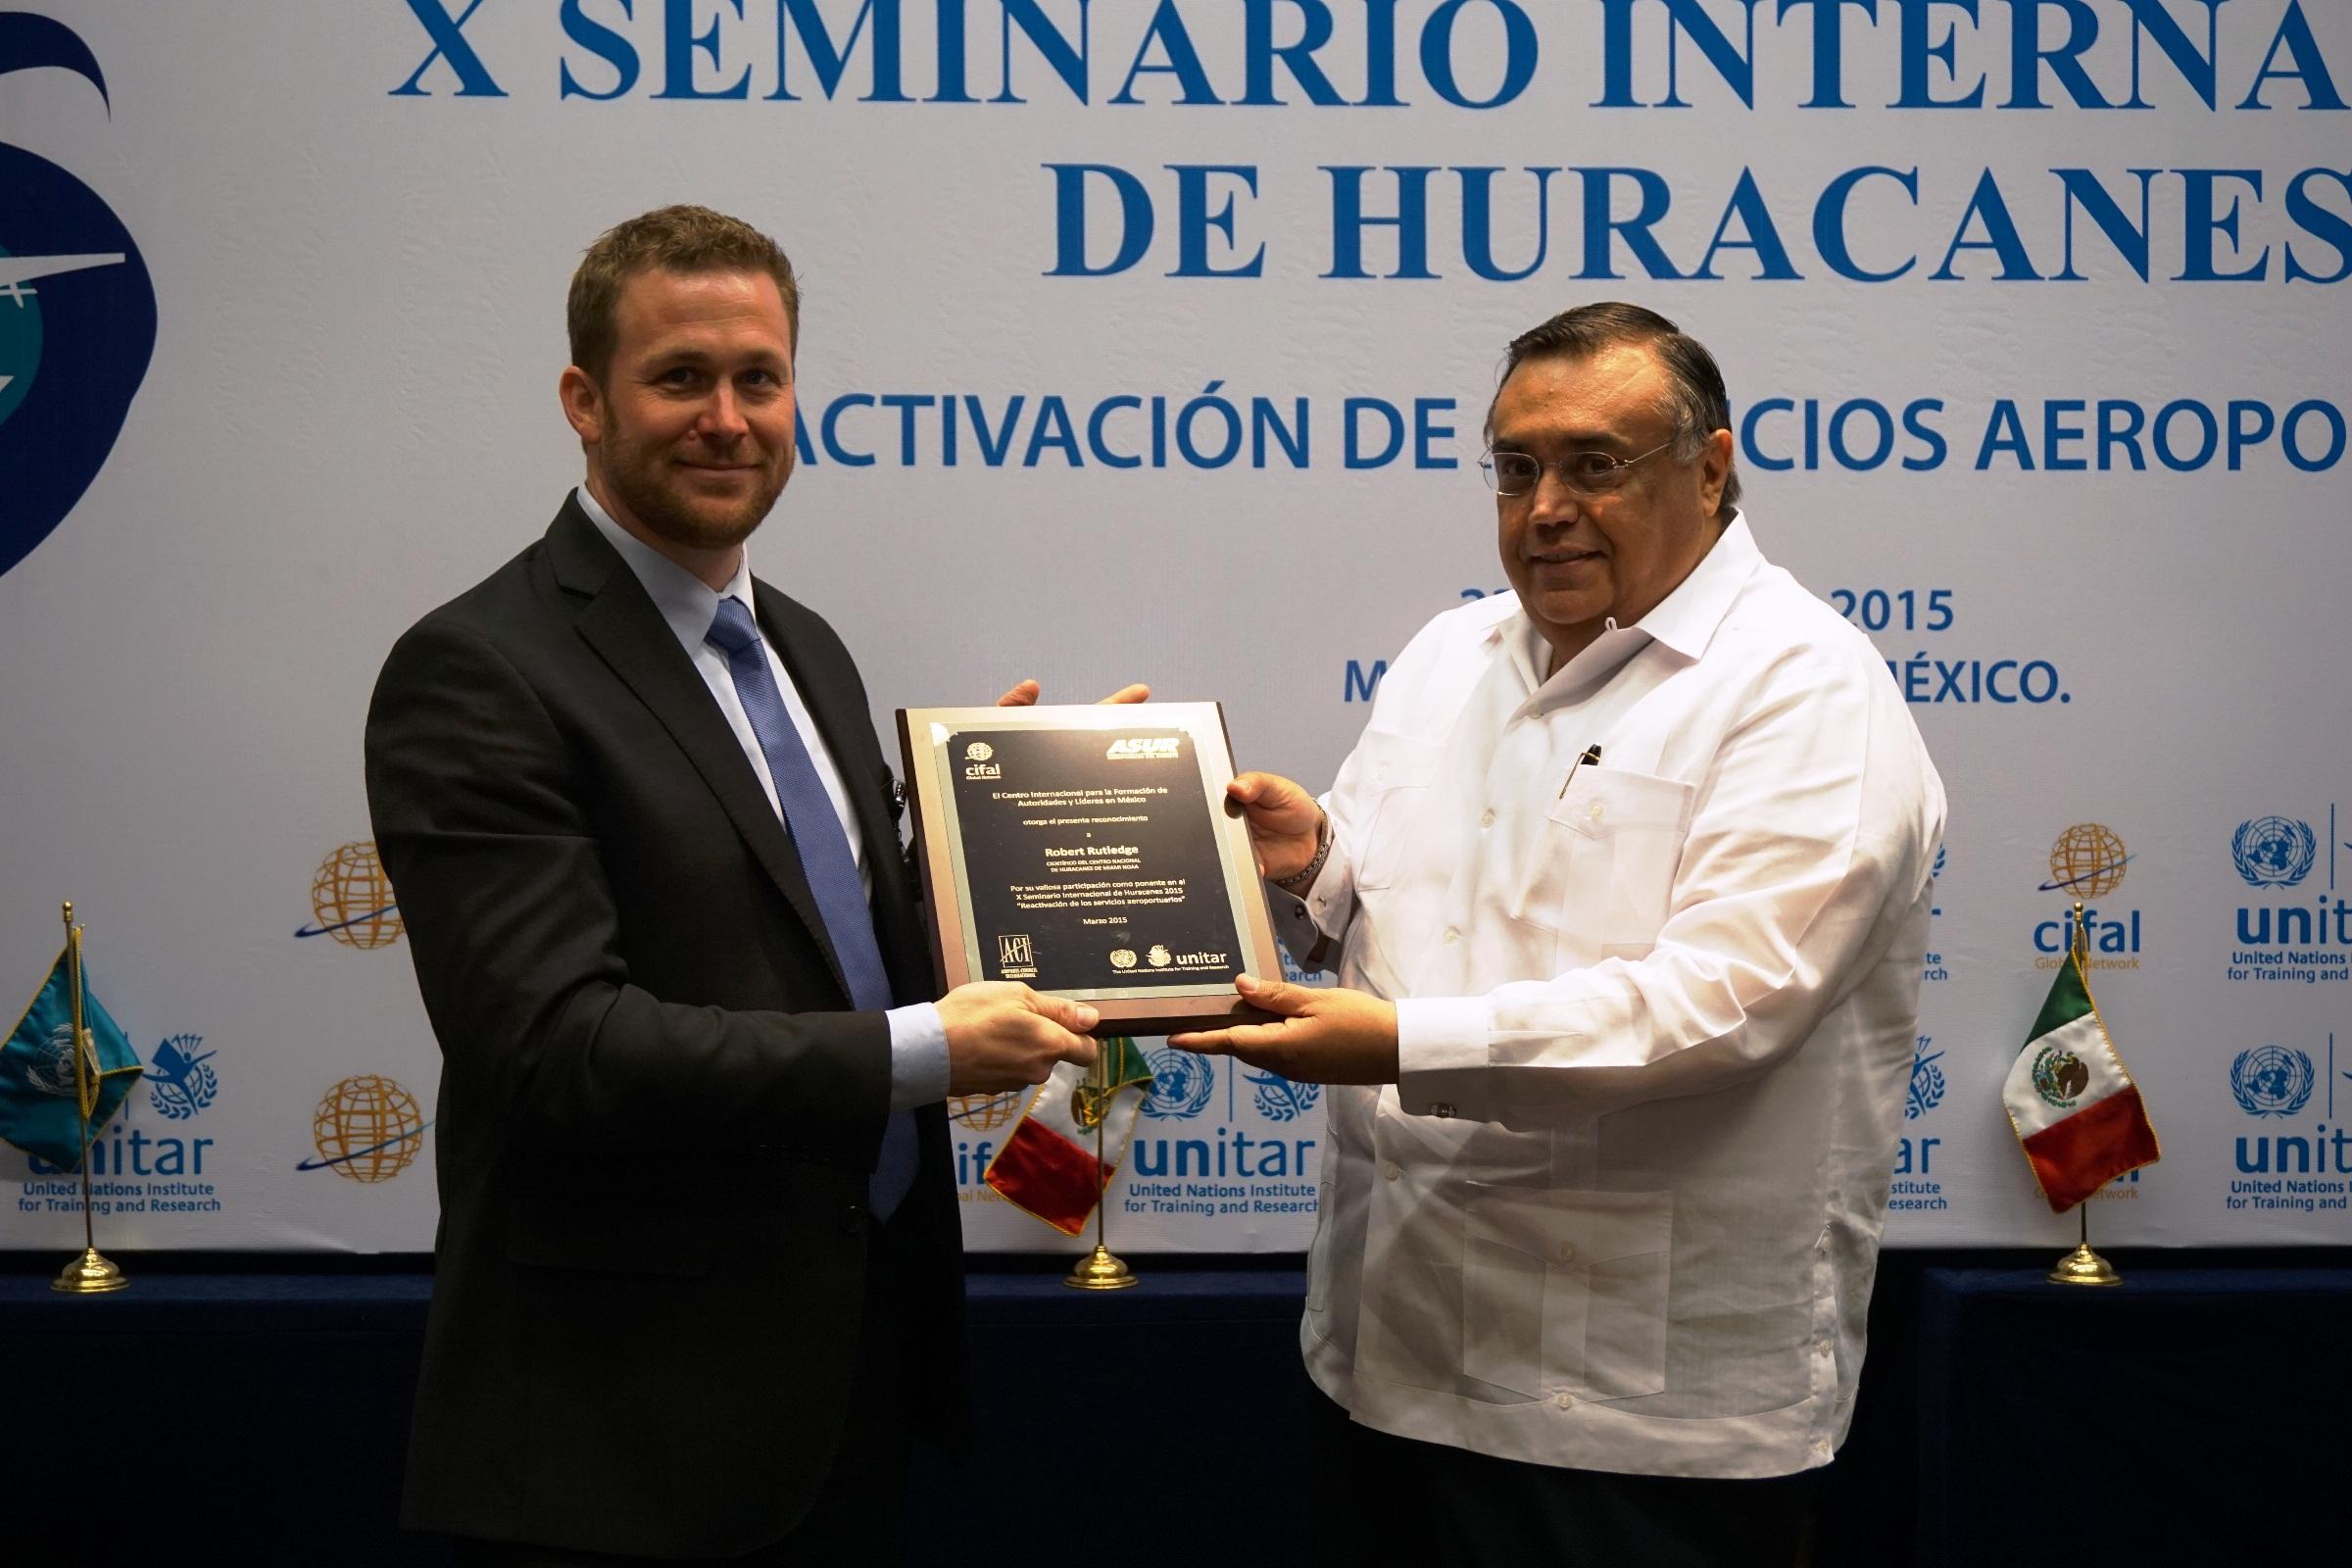 Huracanes 2015 - 30.JPG